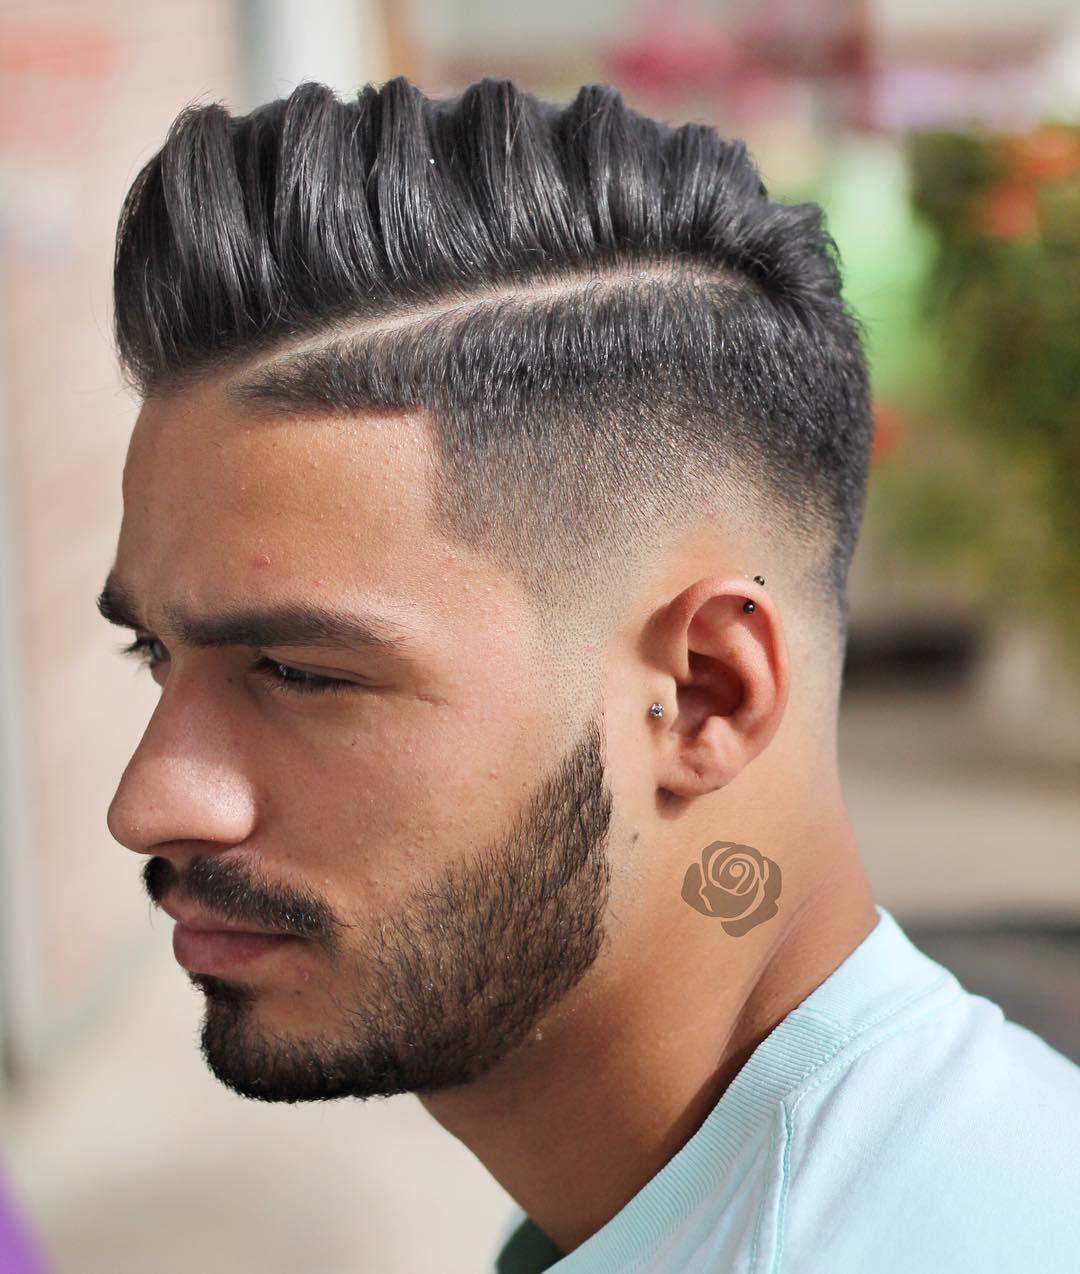 Hipster Haircut for men 2017 | Beard | Pinterest | Hipster ...